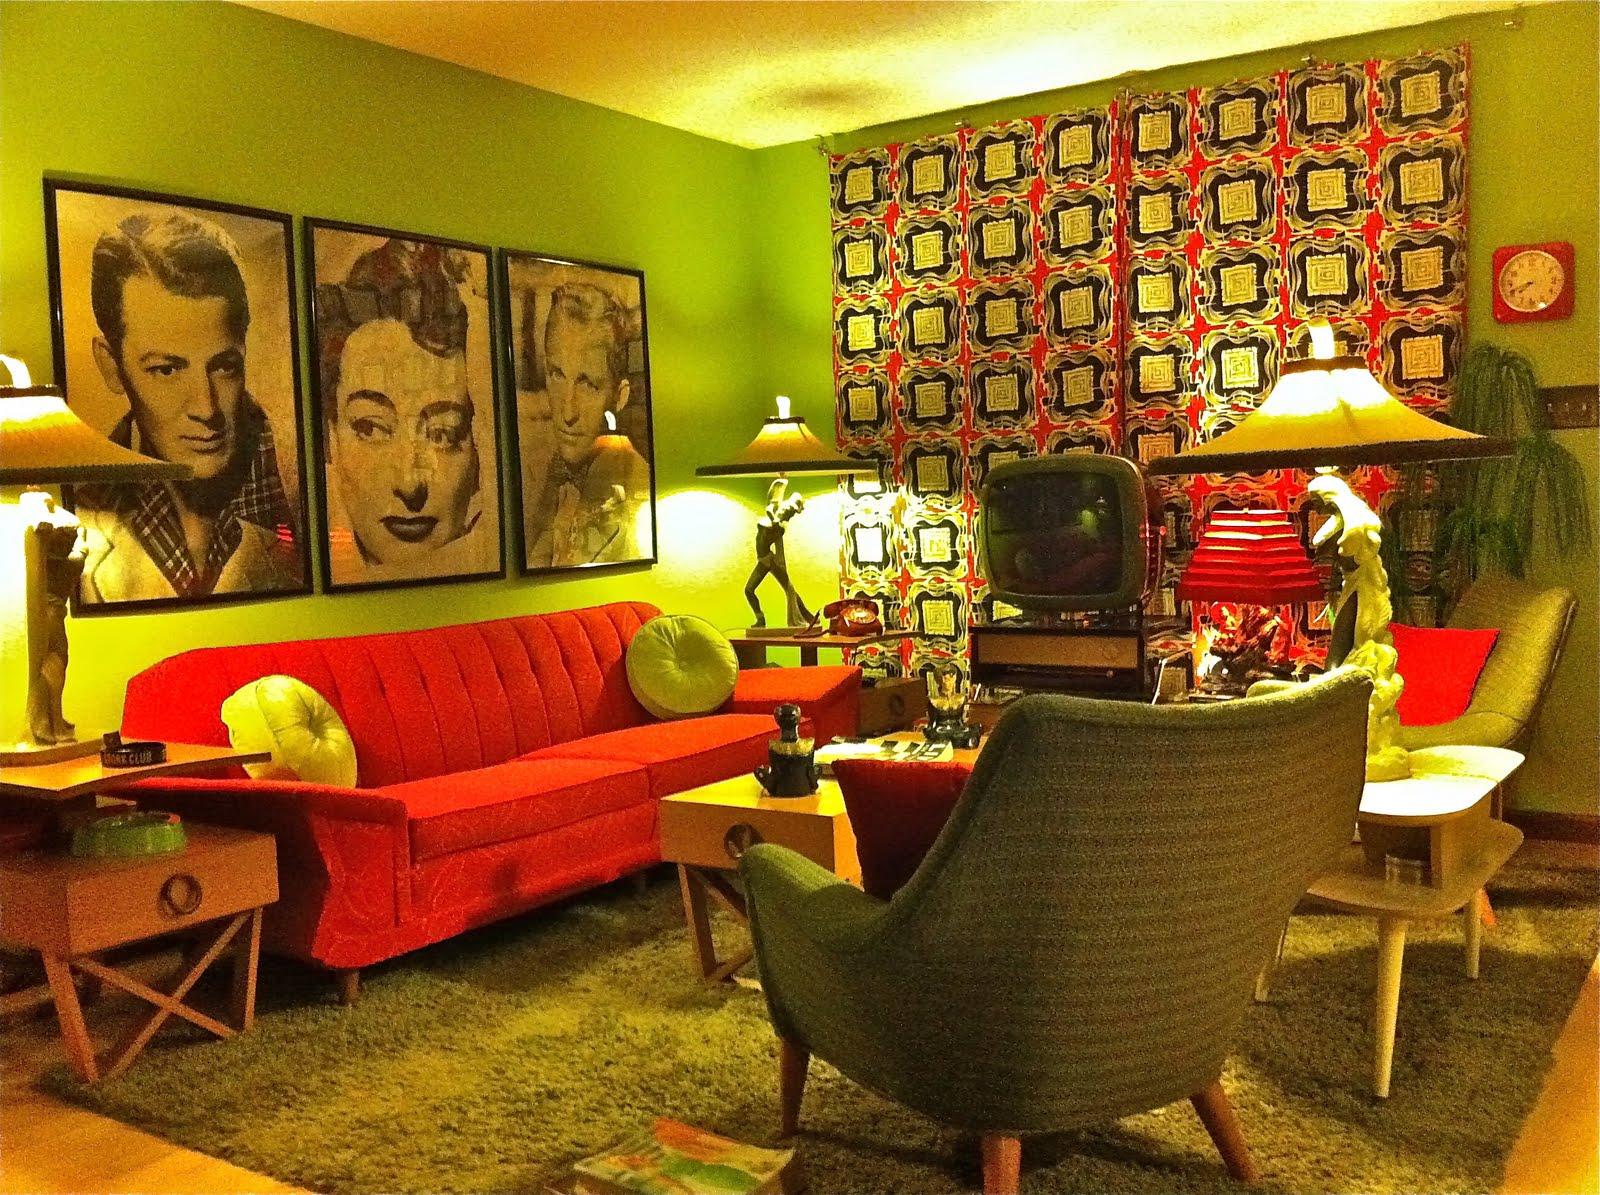 Kitsch Decoracion De Interiores ~ El estilo Kitsch en casa  Ideas para decorar, dise?ar y mejorar tu